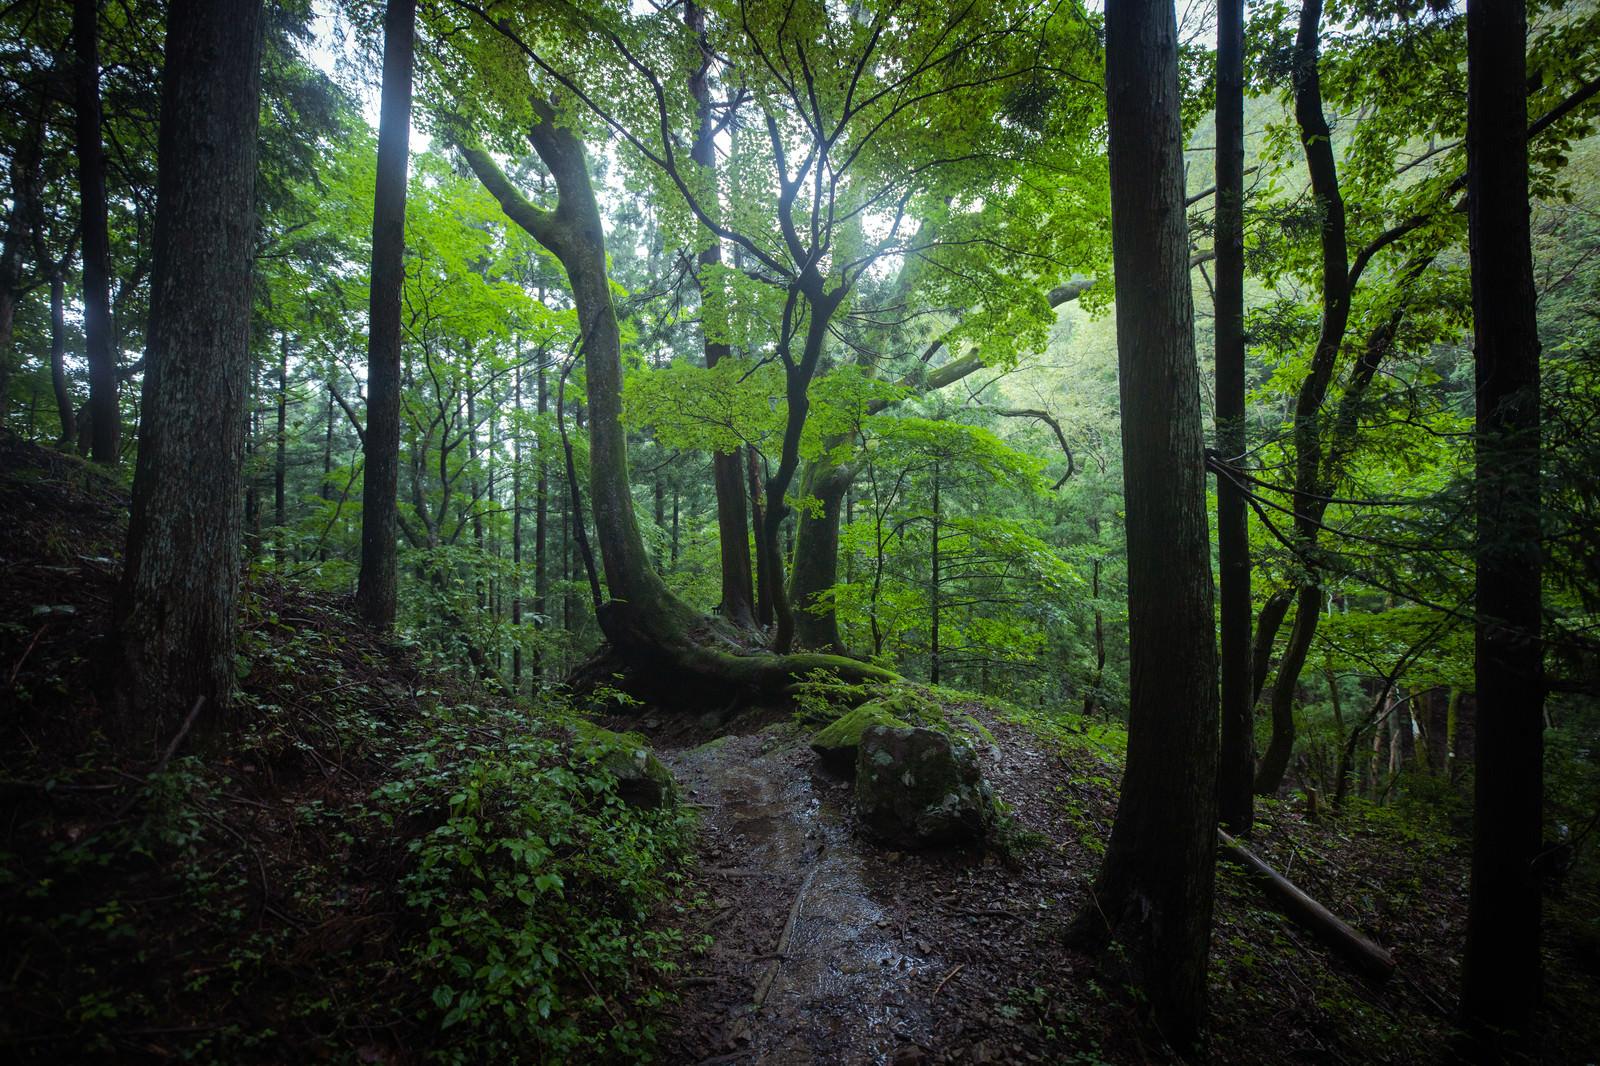 「湿気の高い森の中を進む」の写真